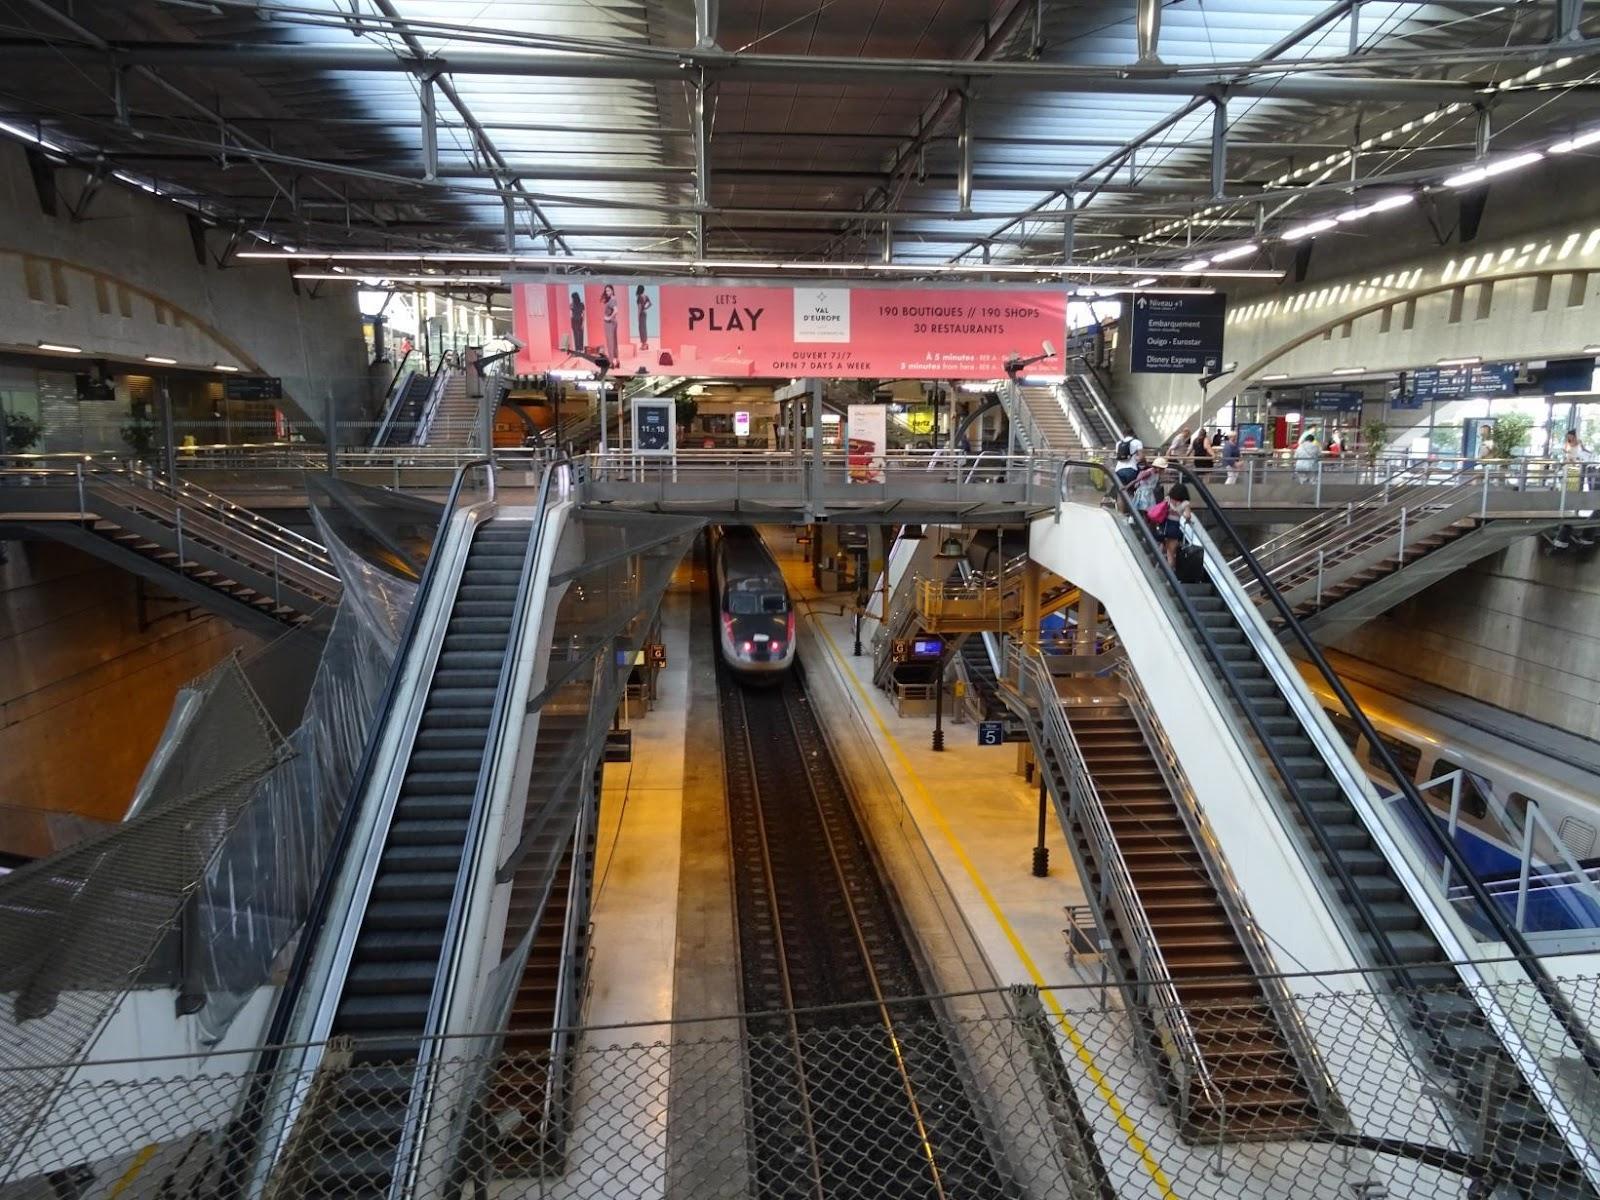 https://upload.wikimedia.org/wikipedia/commons/e/ee/Voies_de_la_gare_de_Marne-la-Vall%C3%A9e_-_Chessy_TGV.jpg